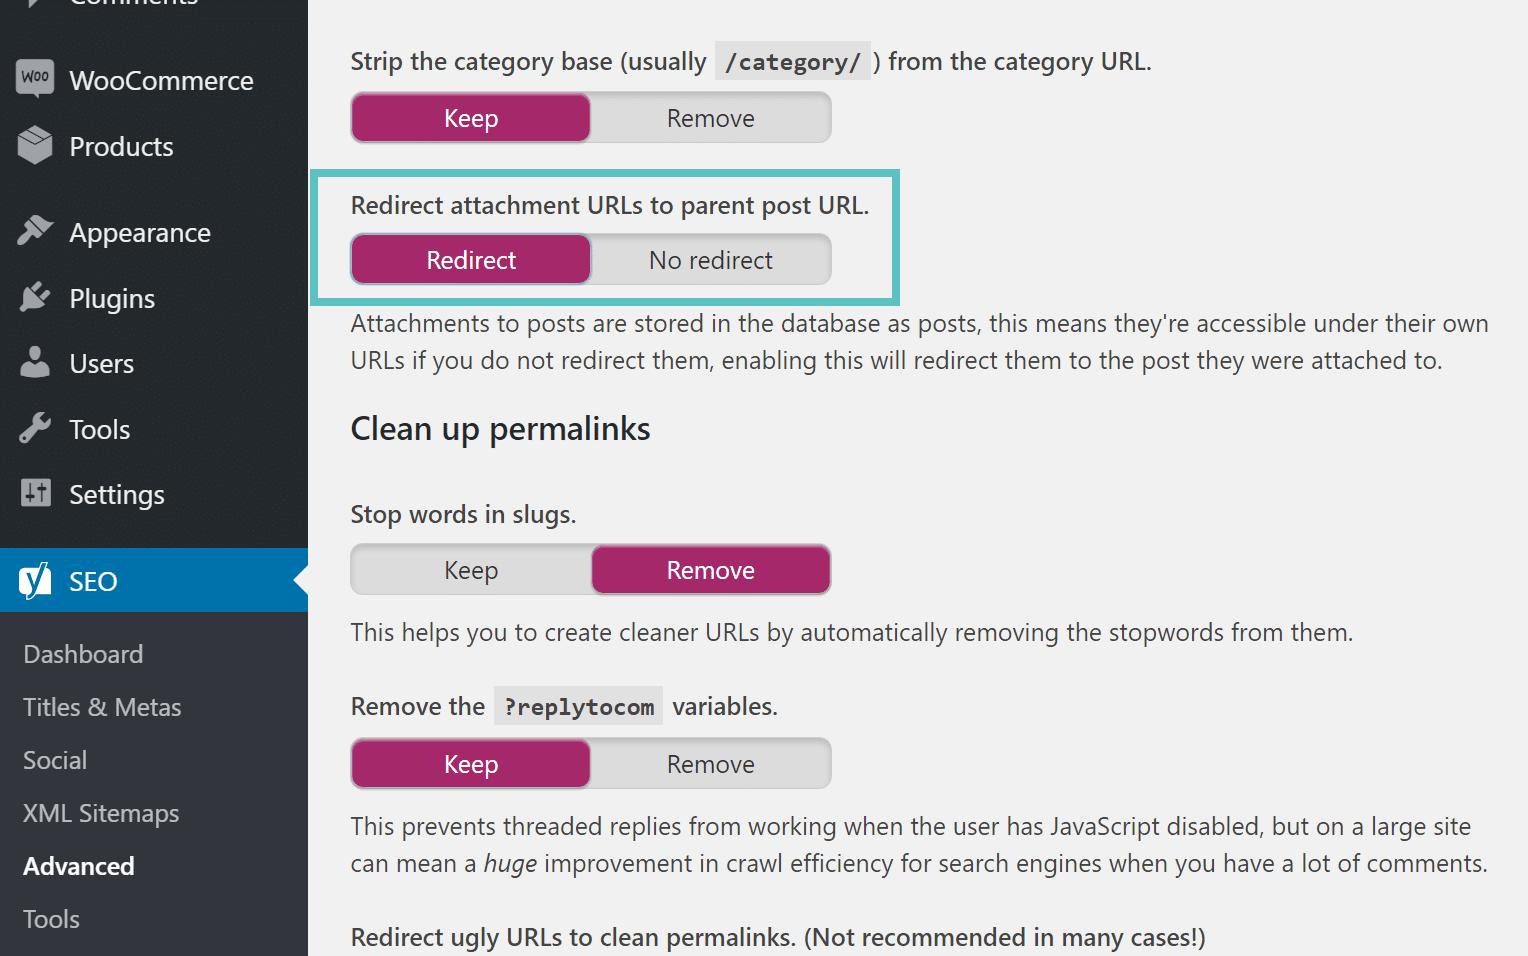 Redirect bijlage URLs naar bovenliggende URL